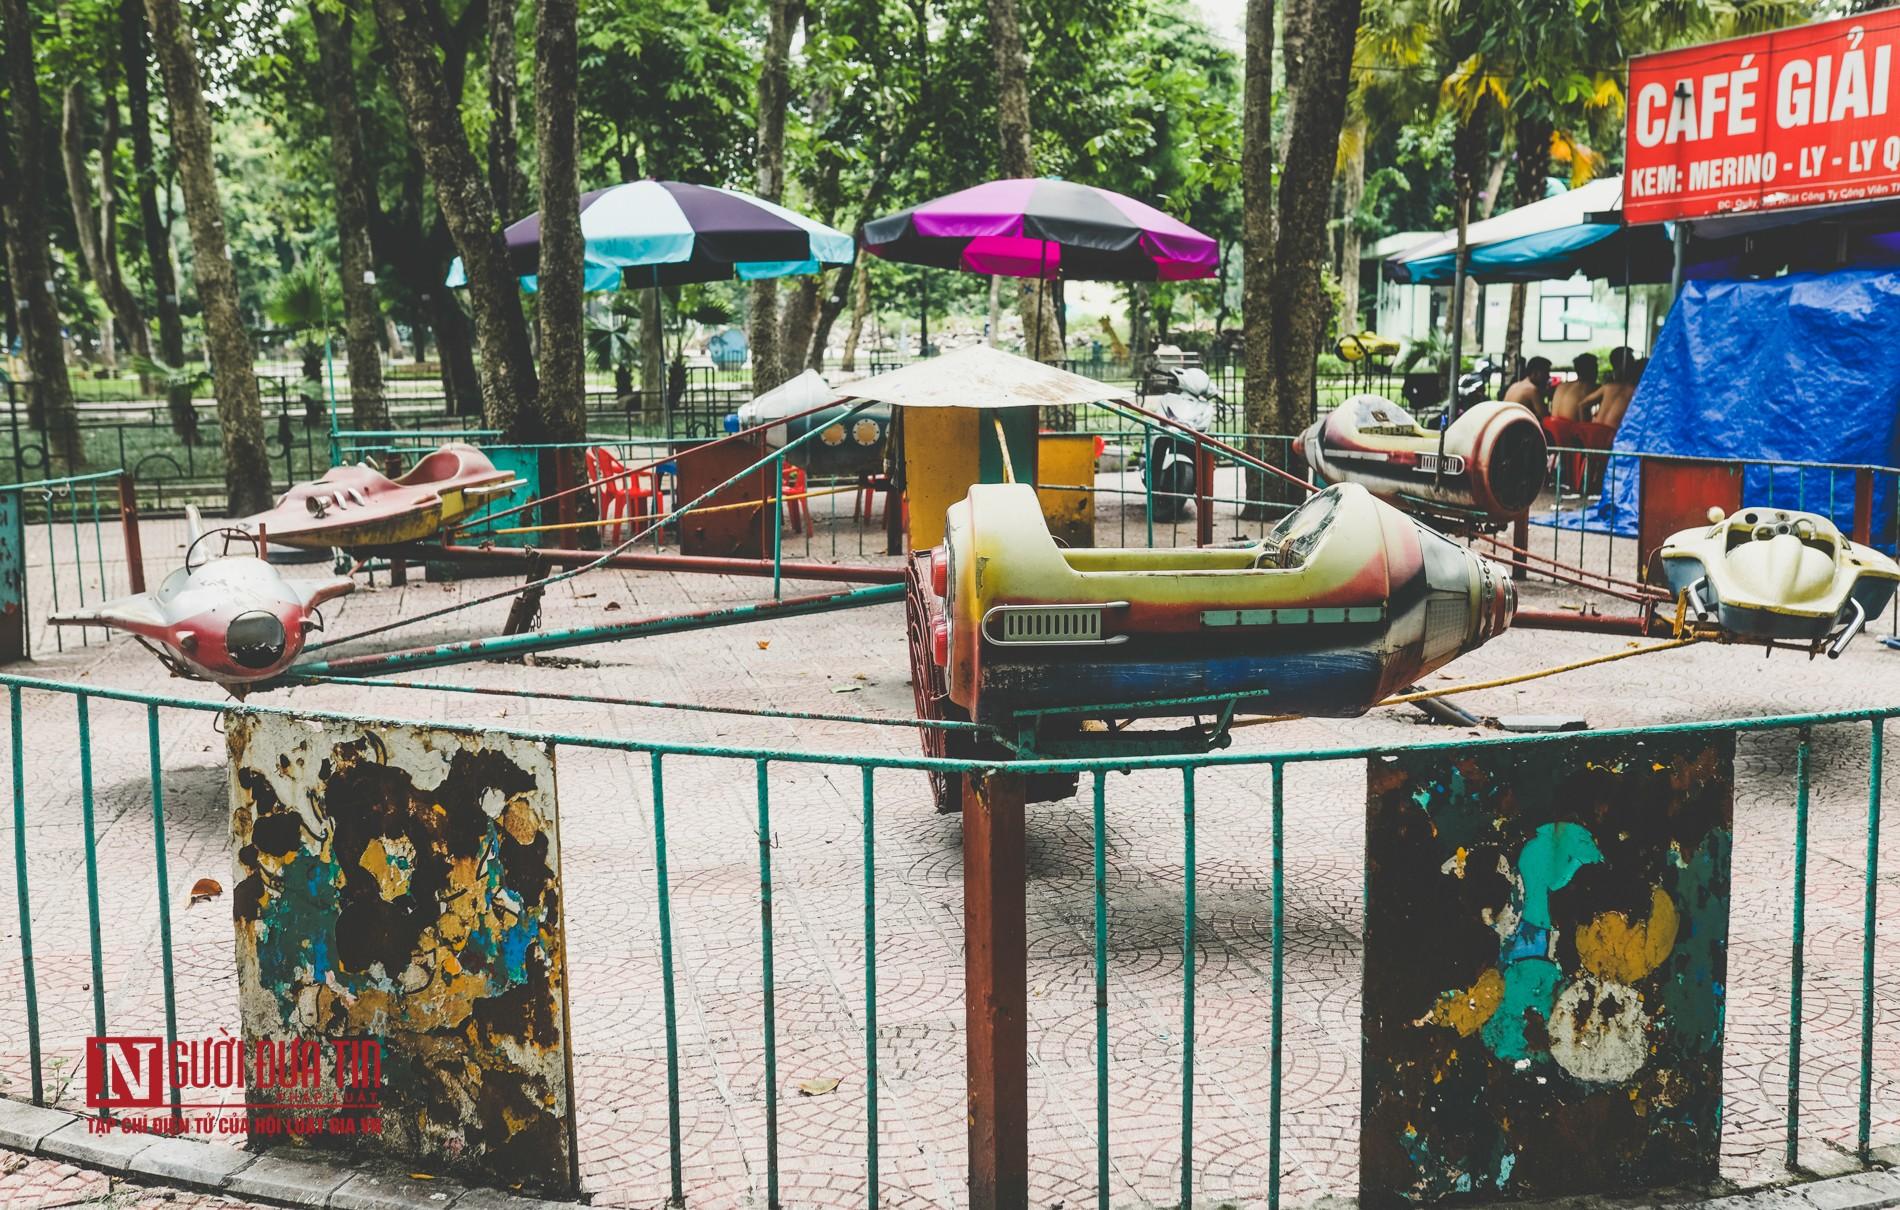 Hà Nội: Xót xa những hạng mục vui chơi cho trẻ xuống cấp, hư hỏng tại công viên Thống Nhất-1